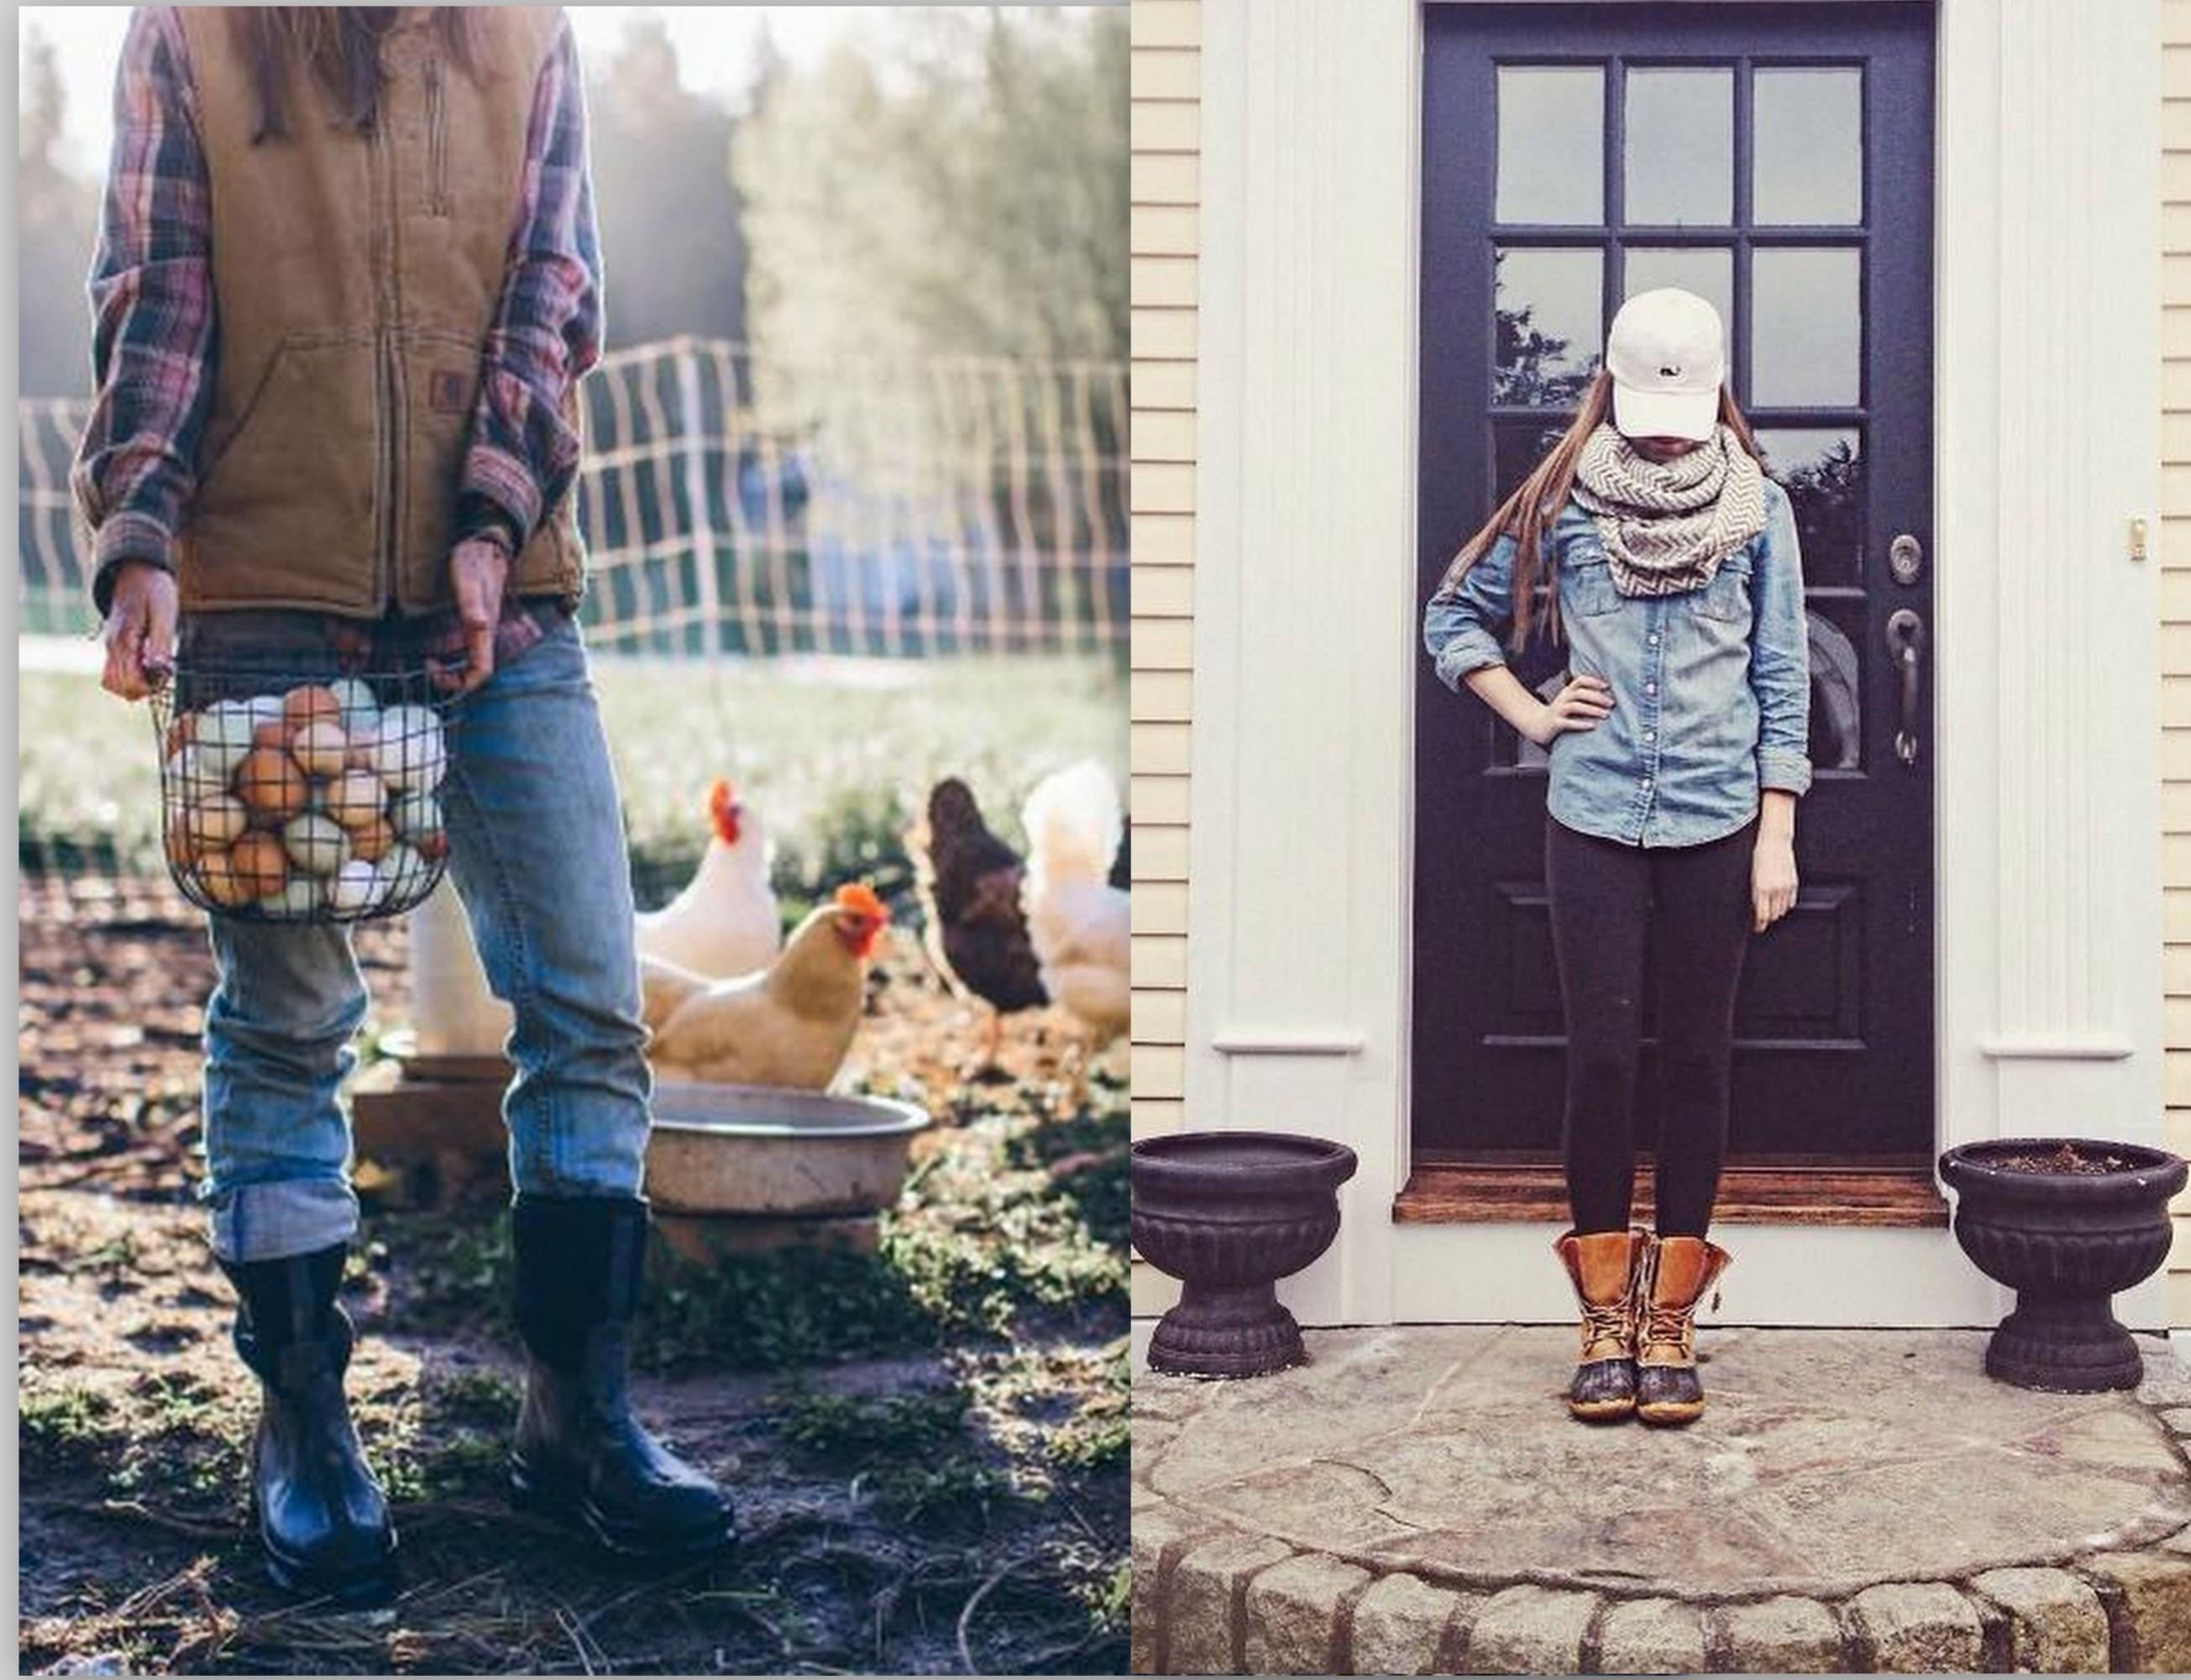 5 tipp, mire figyelj oda az öltözködésben, mint gazdász lány + 1 jó tanács!